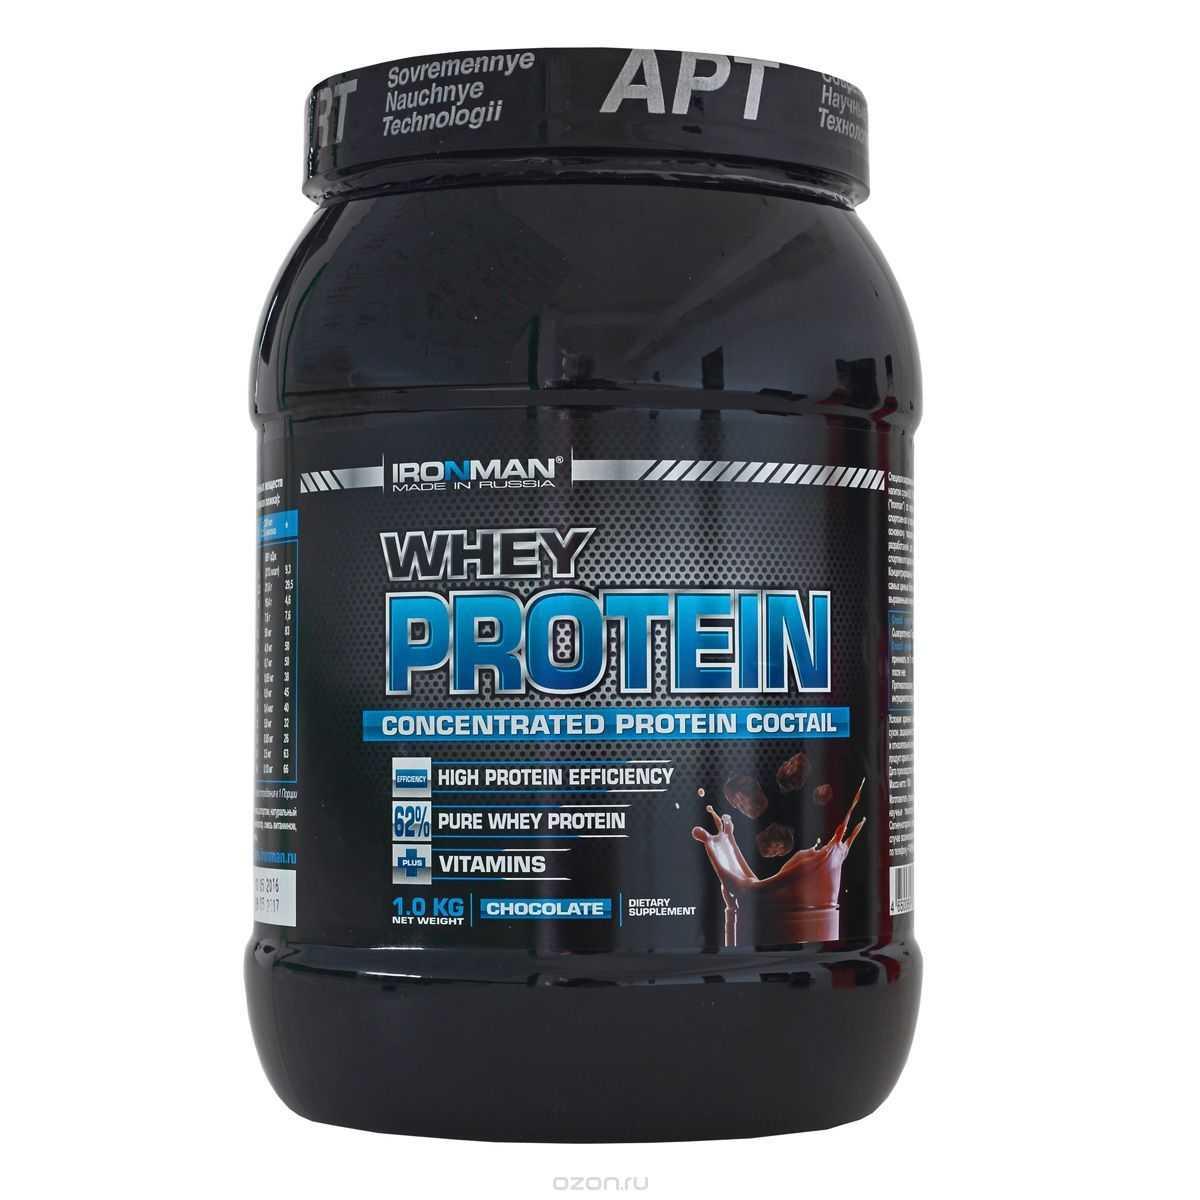 Топ-12 лучших протеинов для роста мышц в рейтинге zuzako